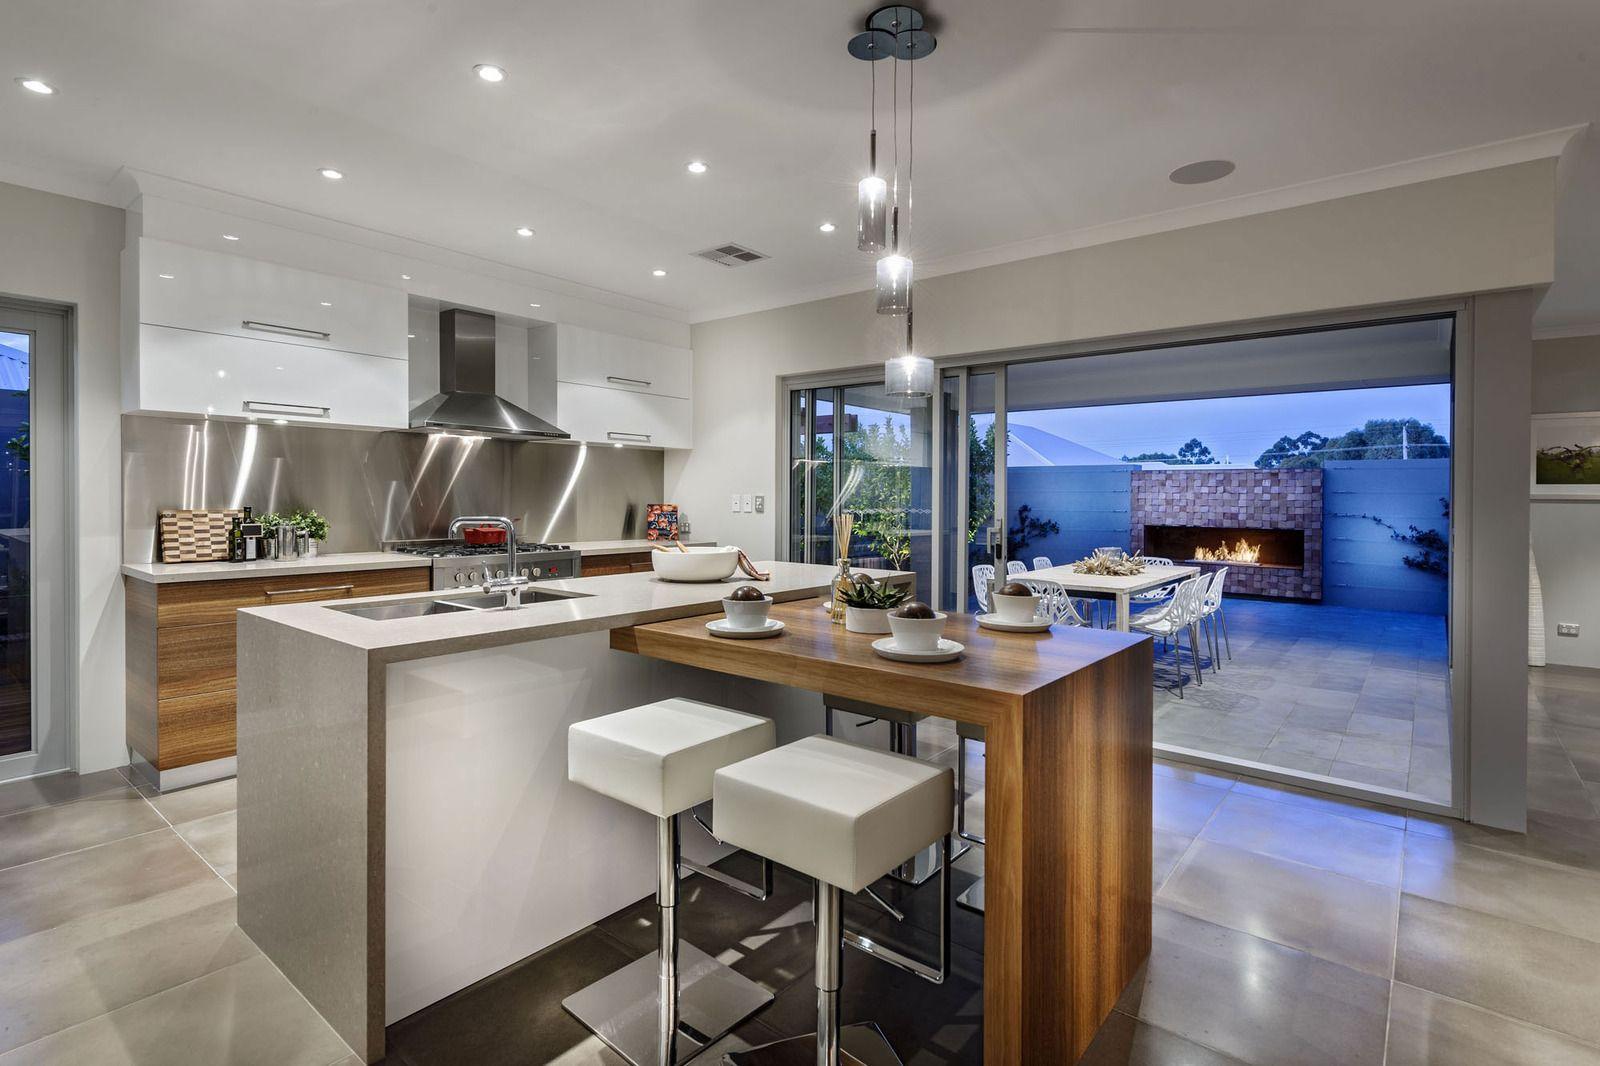 Casa moderna de dos pisos con hermoso dise o de fachada e - Disenos cocinas modernas ...